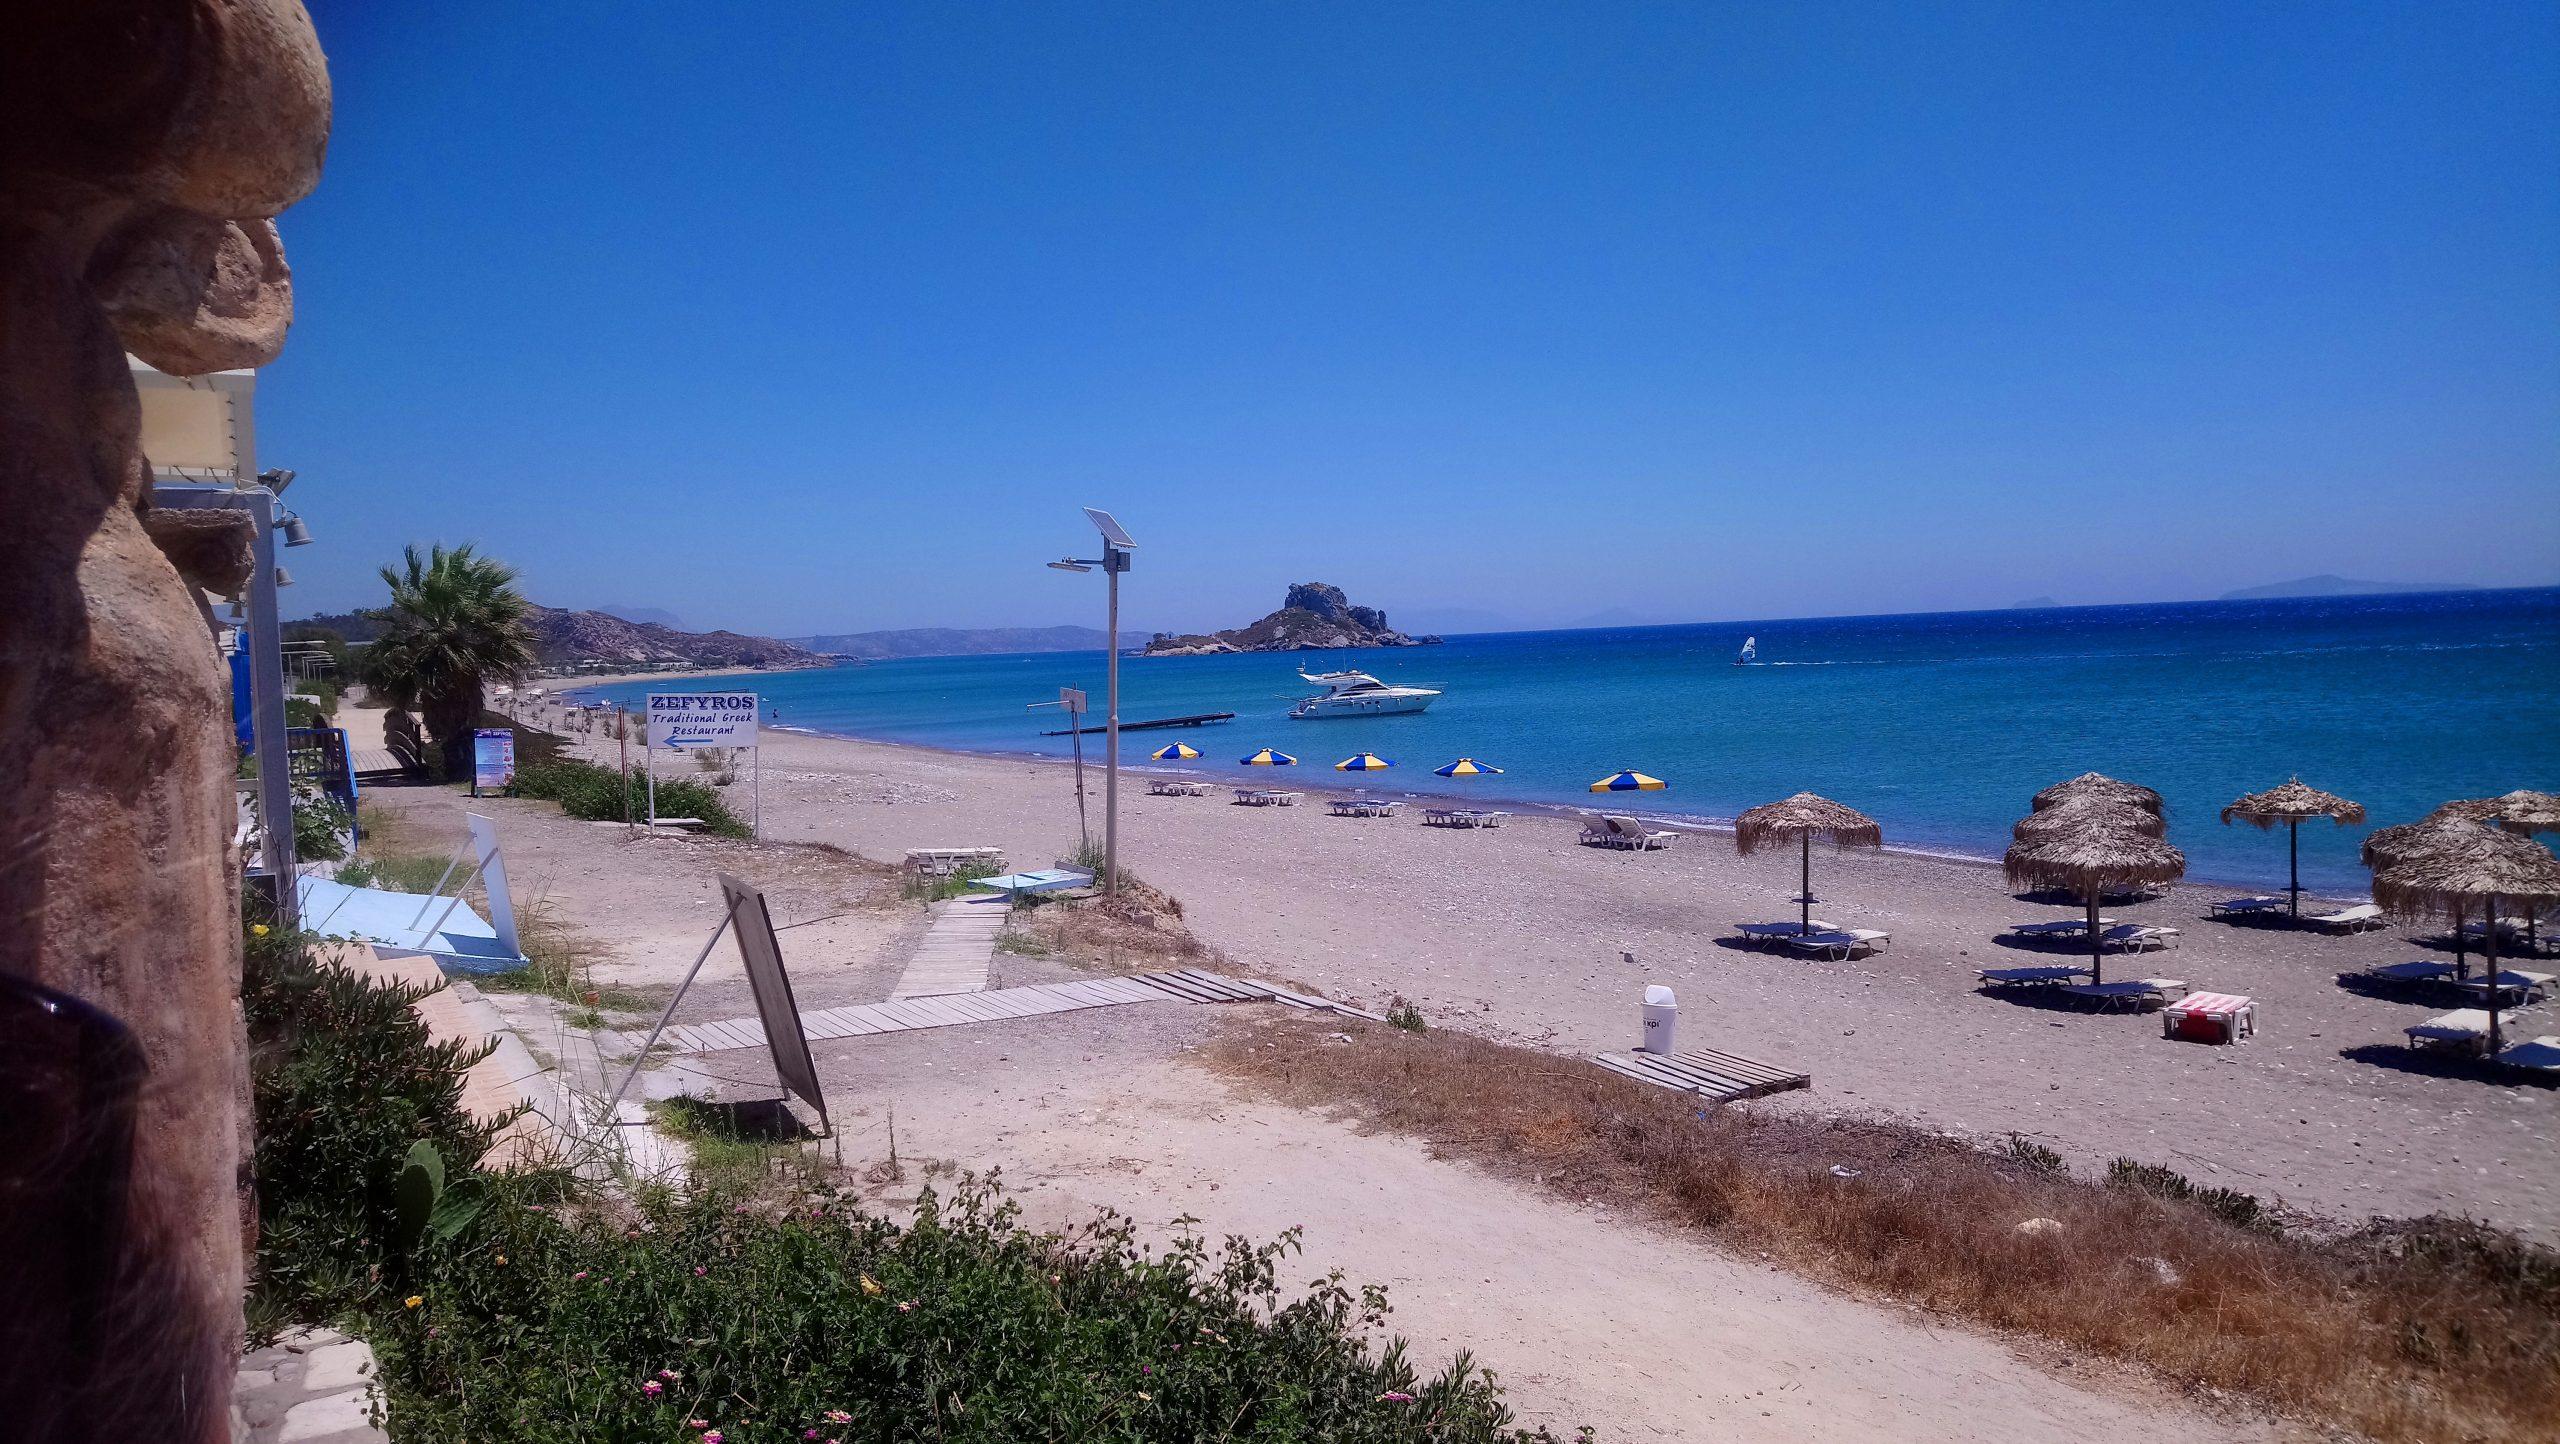 De leukste stranden van Kos